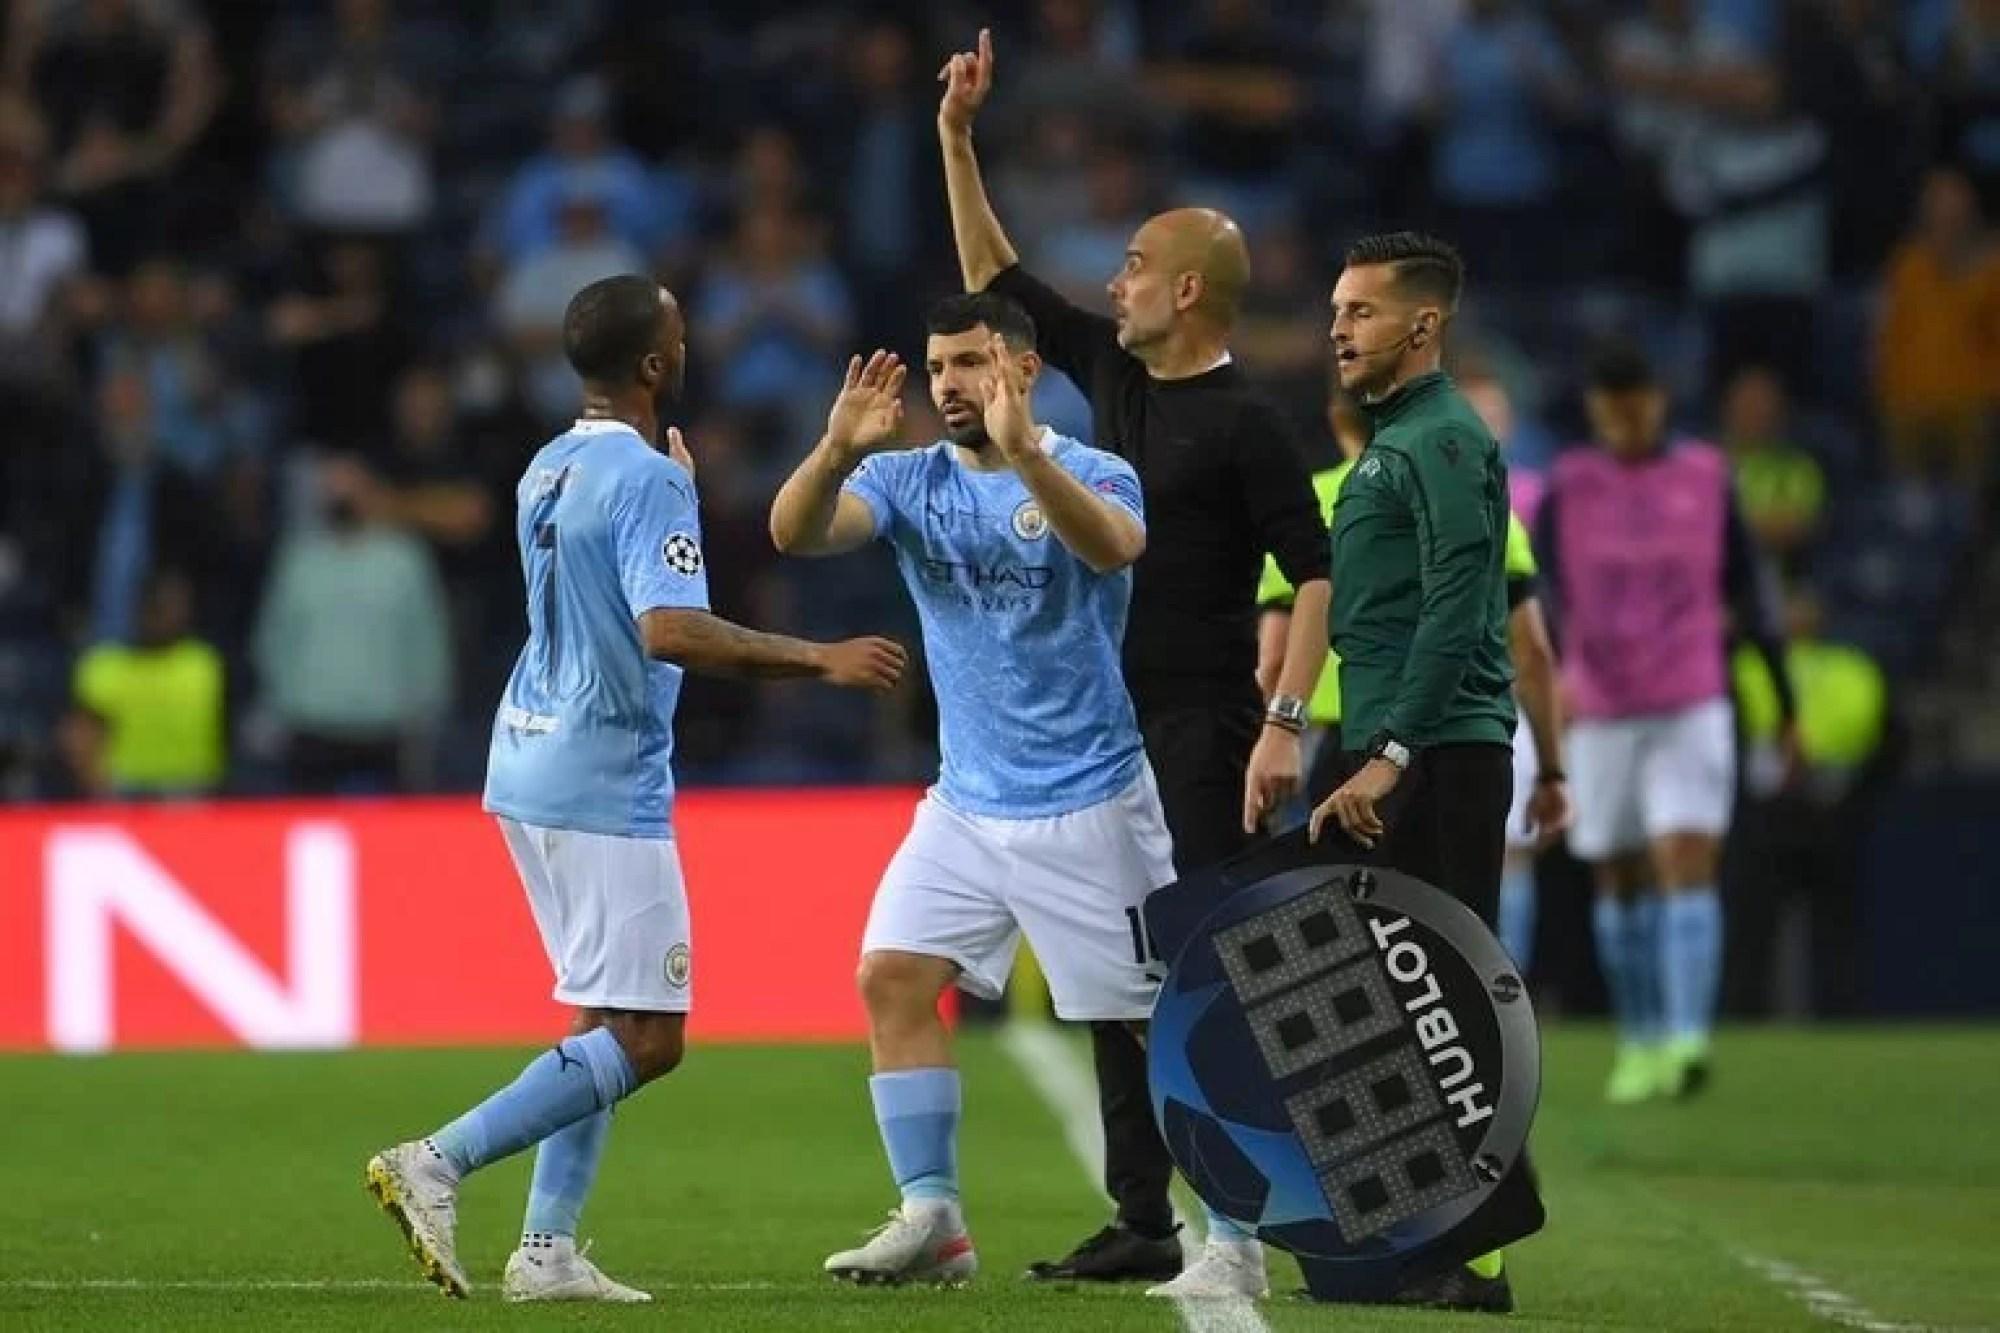 Guardiola dispuso el ingreso de Sergio Aguero por Raheem Sterling, iban... 31 minutos del segundo tiempo